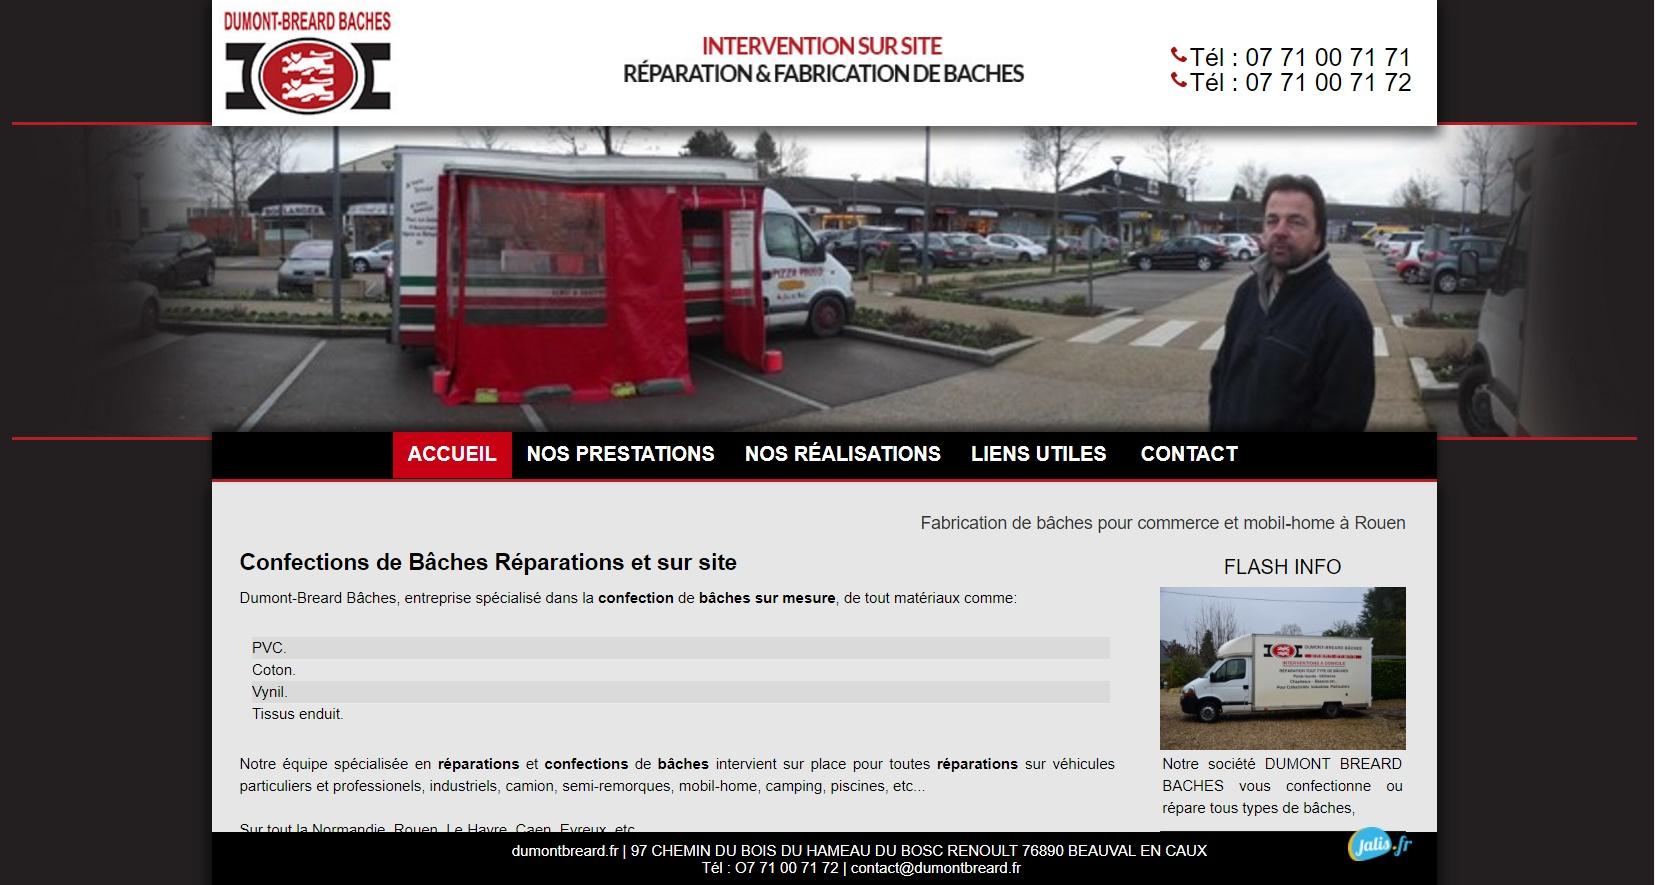 réparation et fabrication de bâches Rouen 76